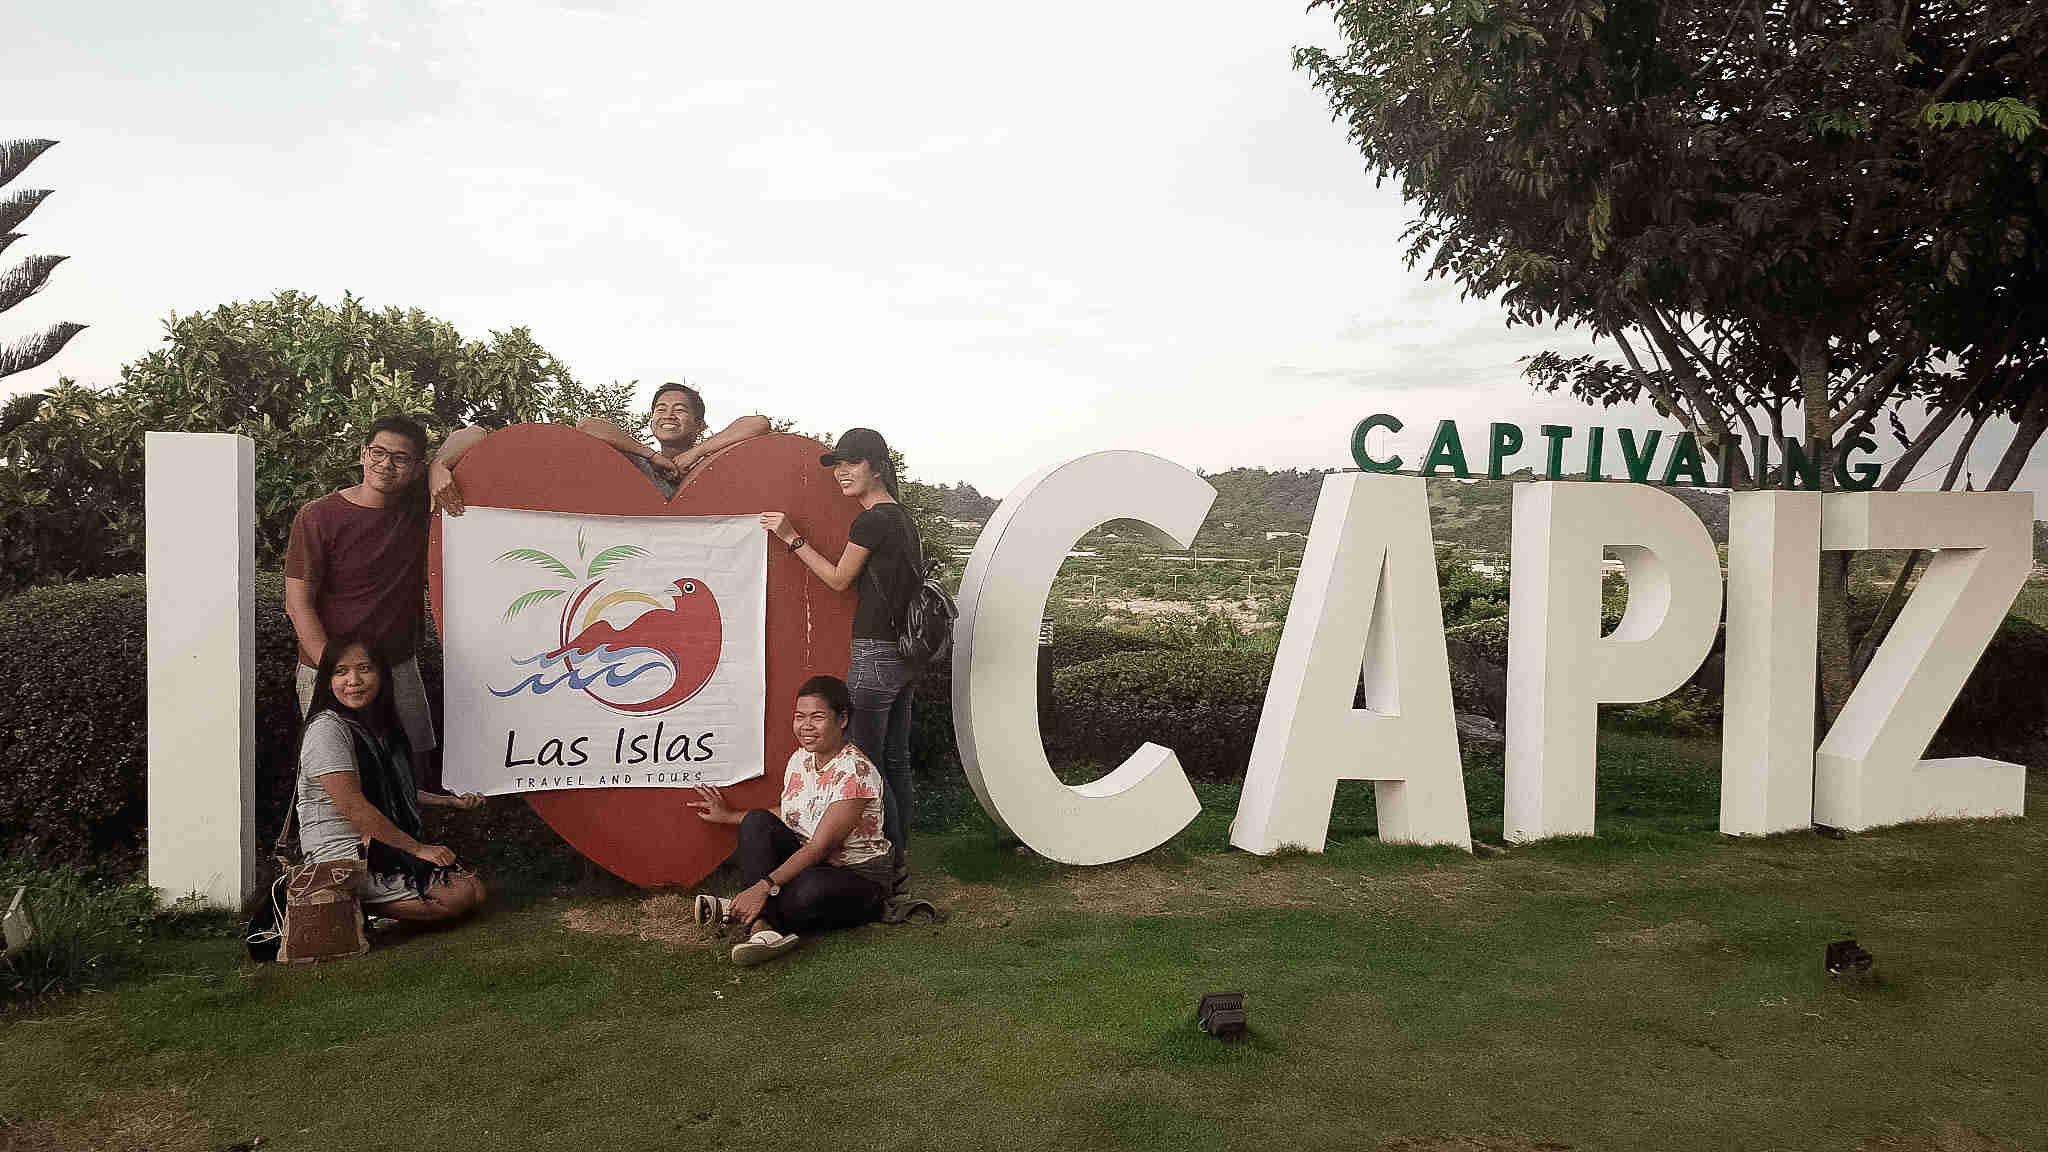 CAPIZ 1_7